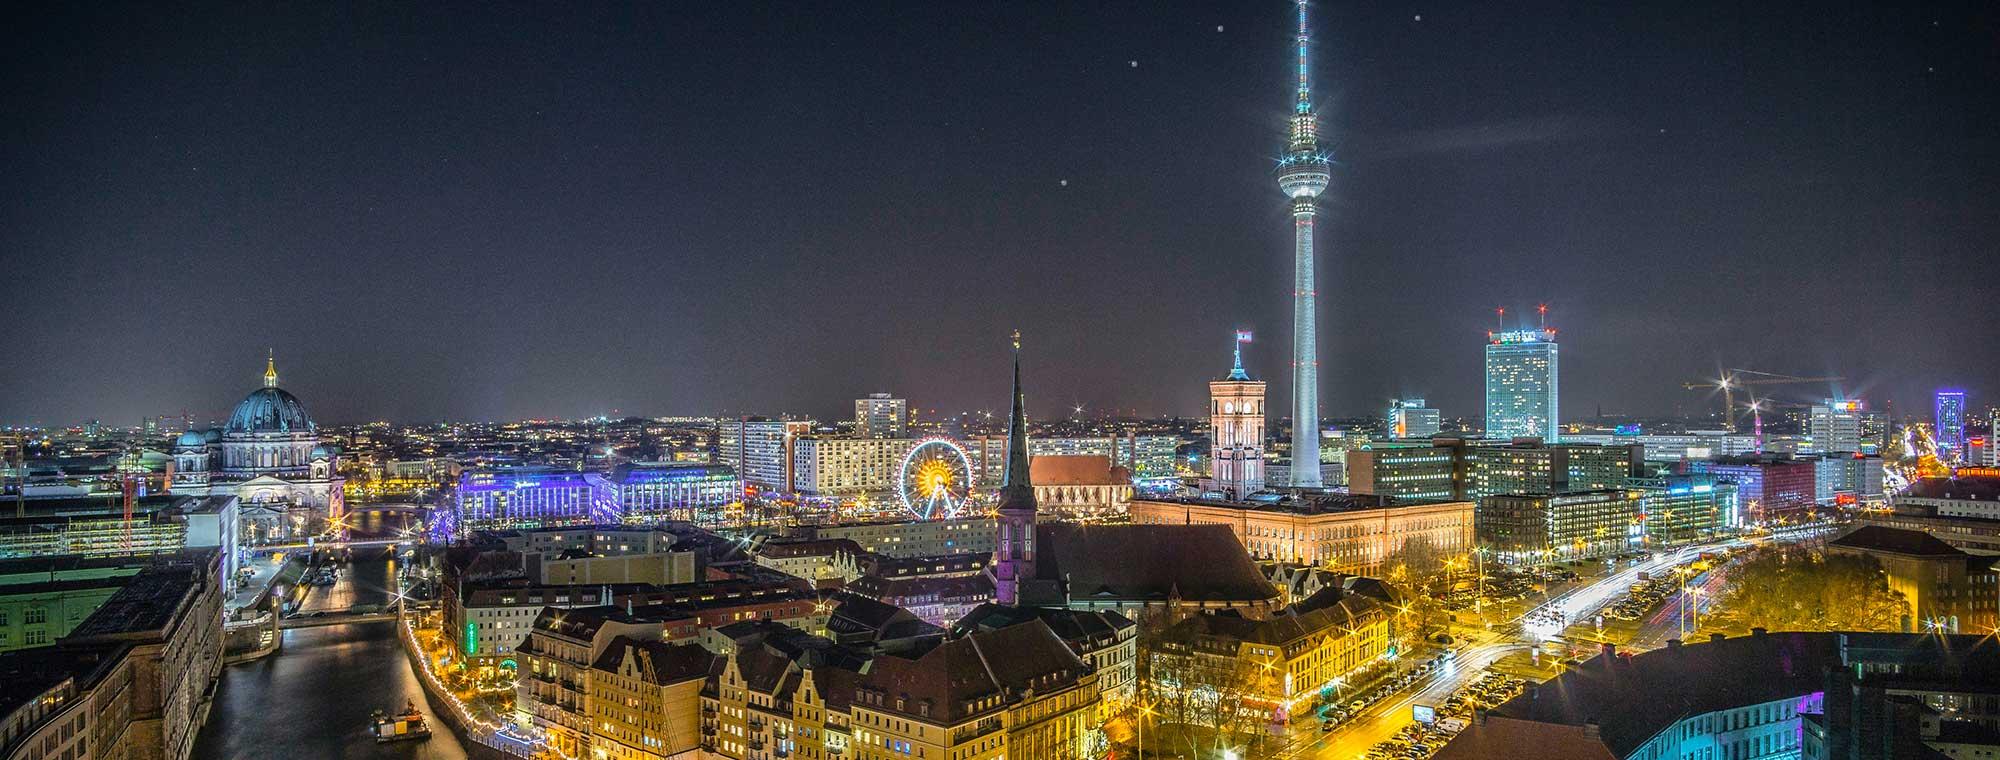 billige hotels in berlin